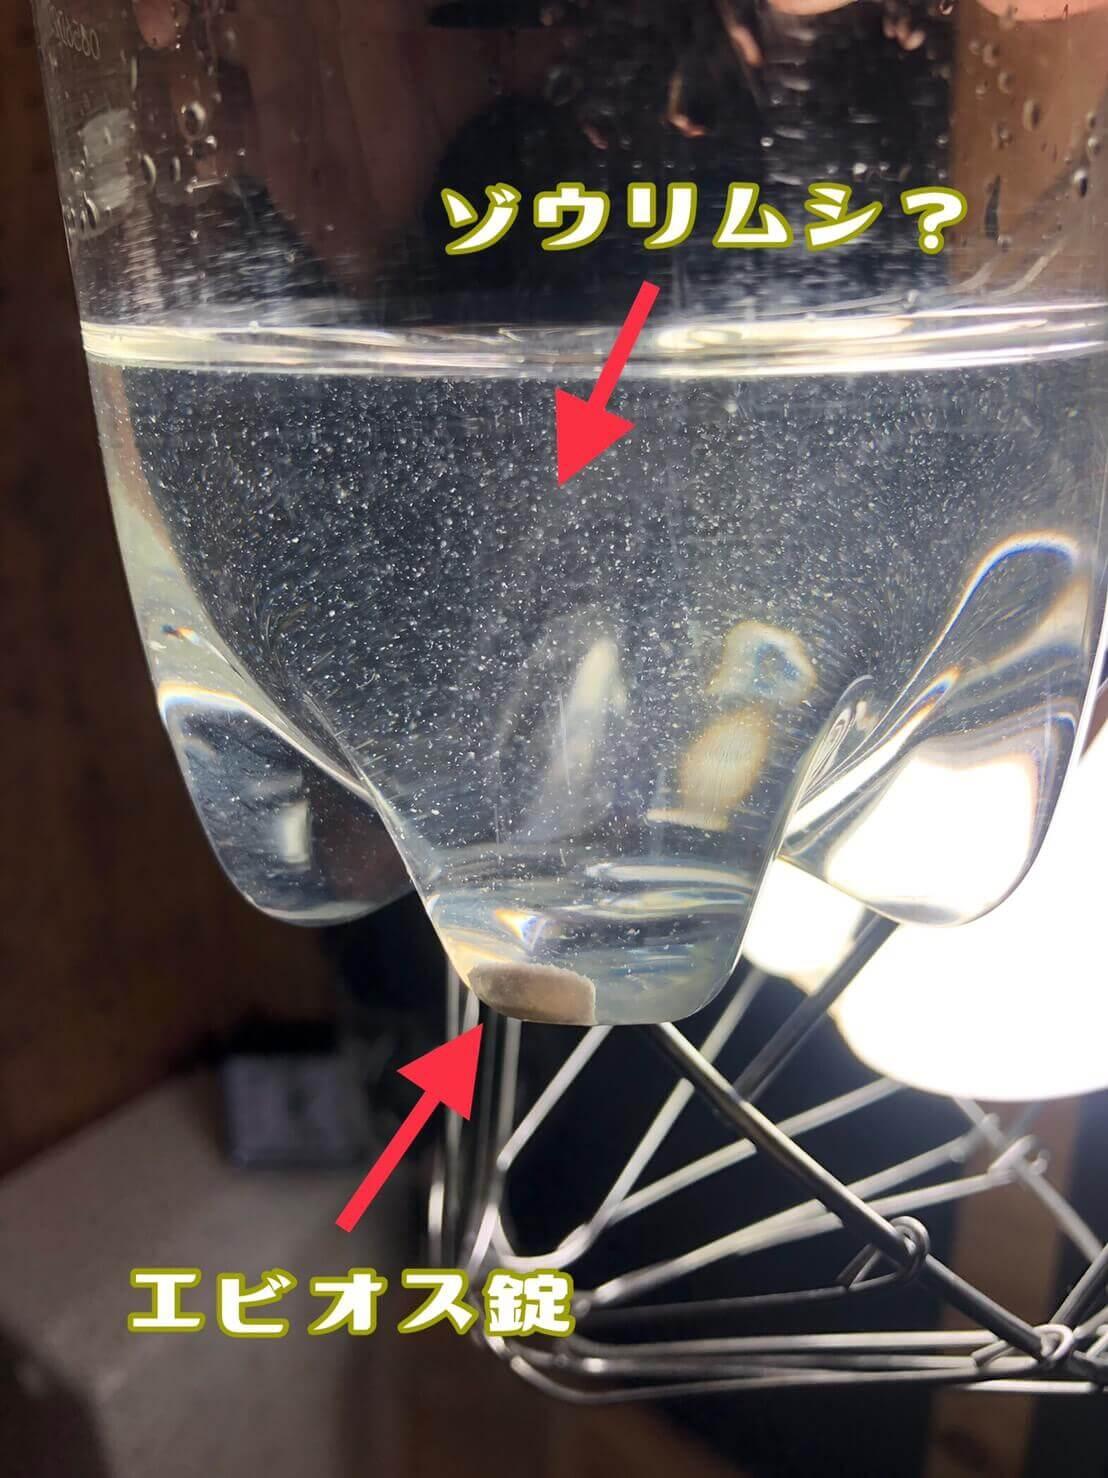 ゾウリムシの培養実験